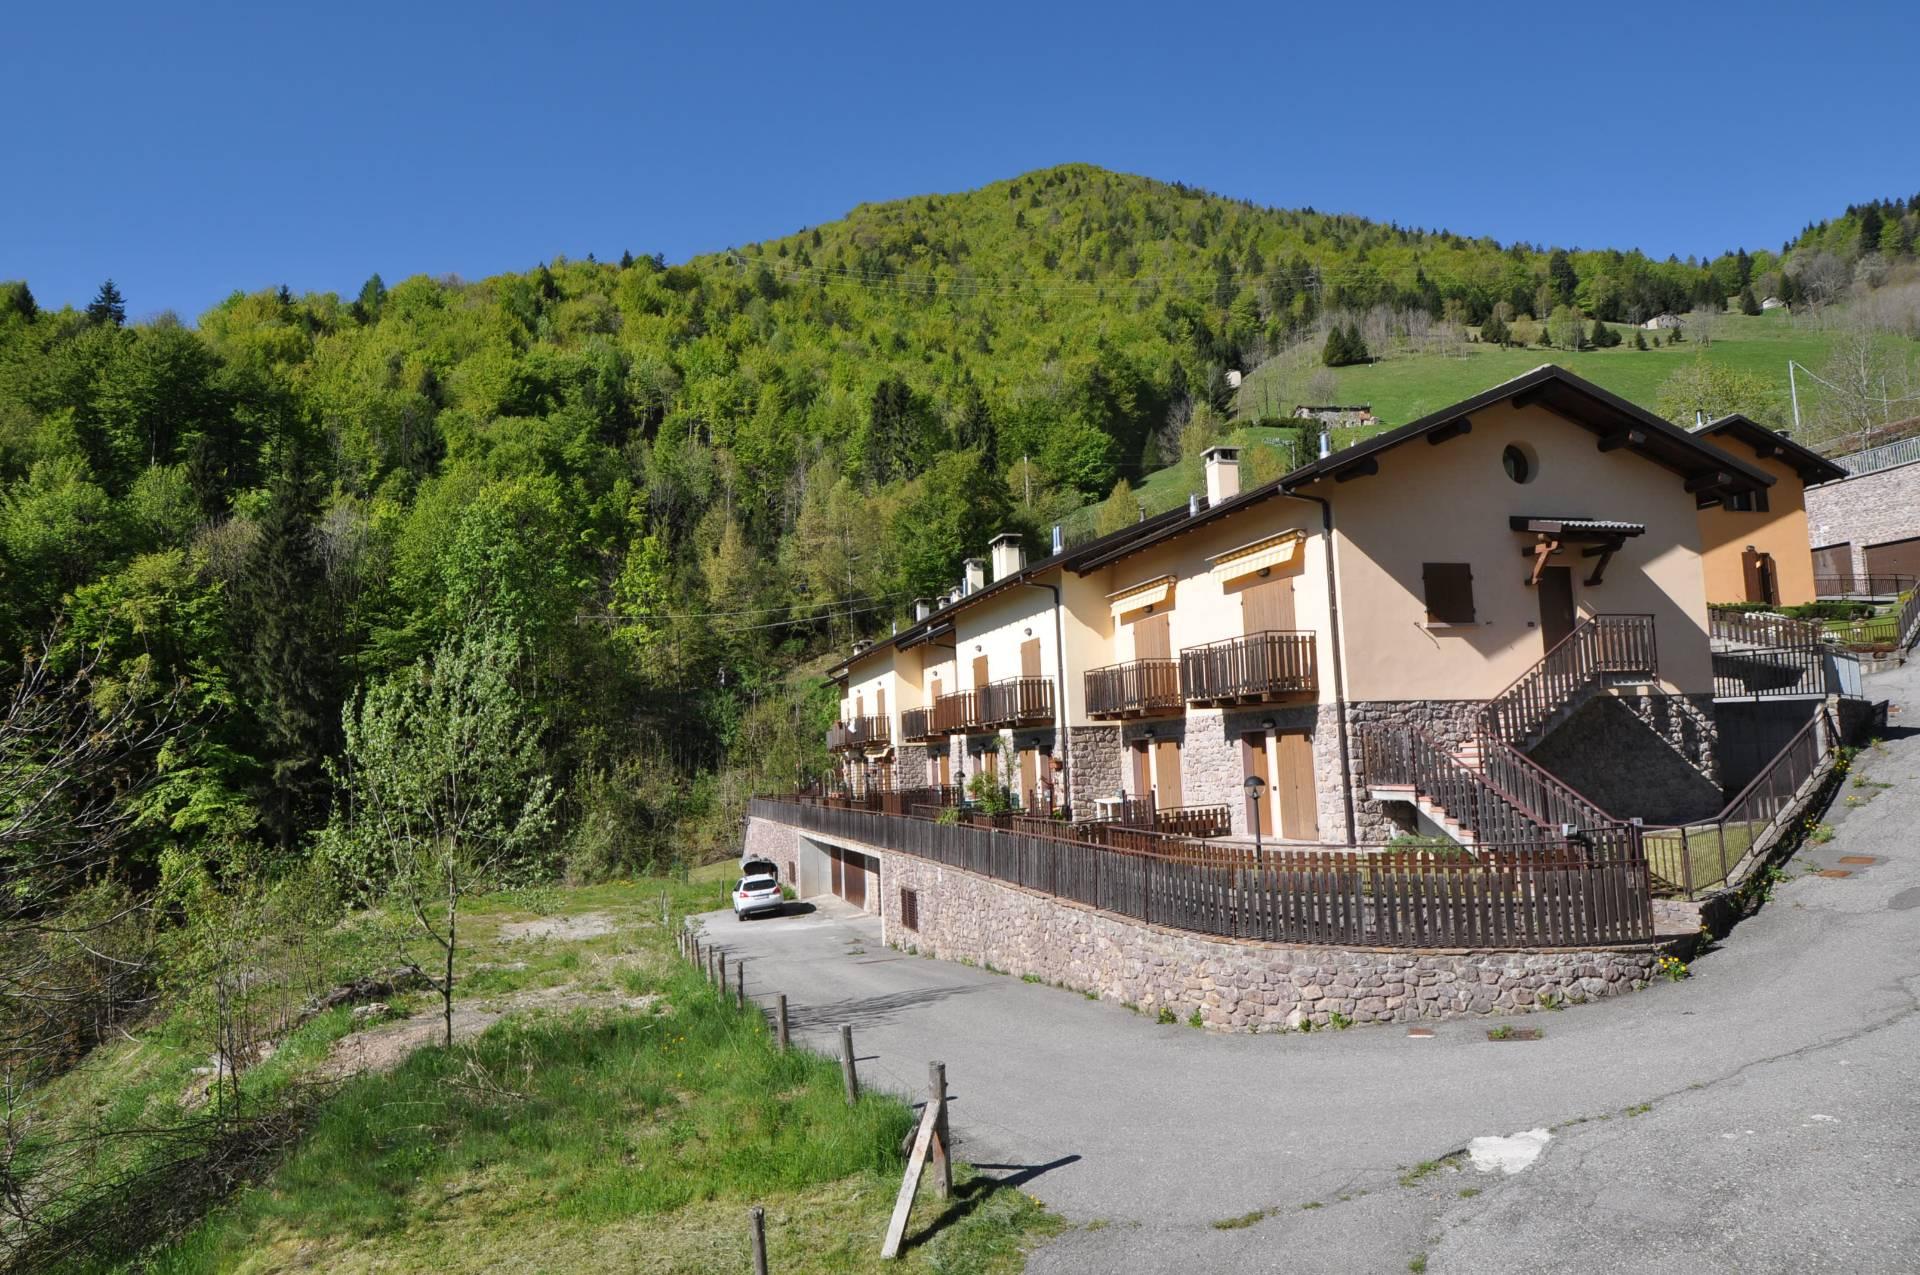 Villa in vendita a Cusio, 3 locali, prezzo € 69.000 | Cambio Casa.it